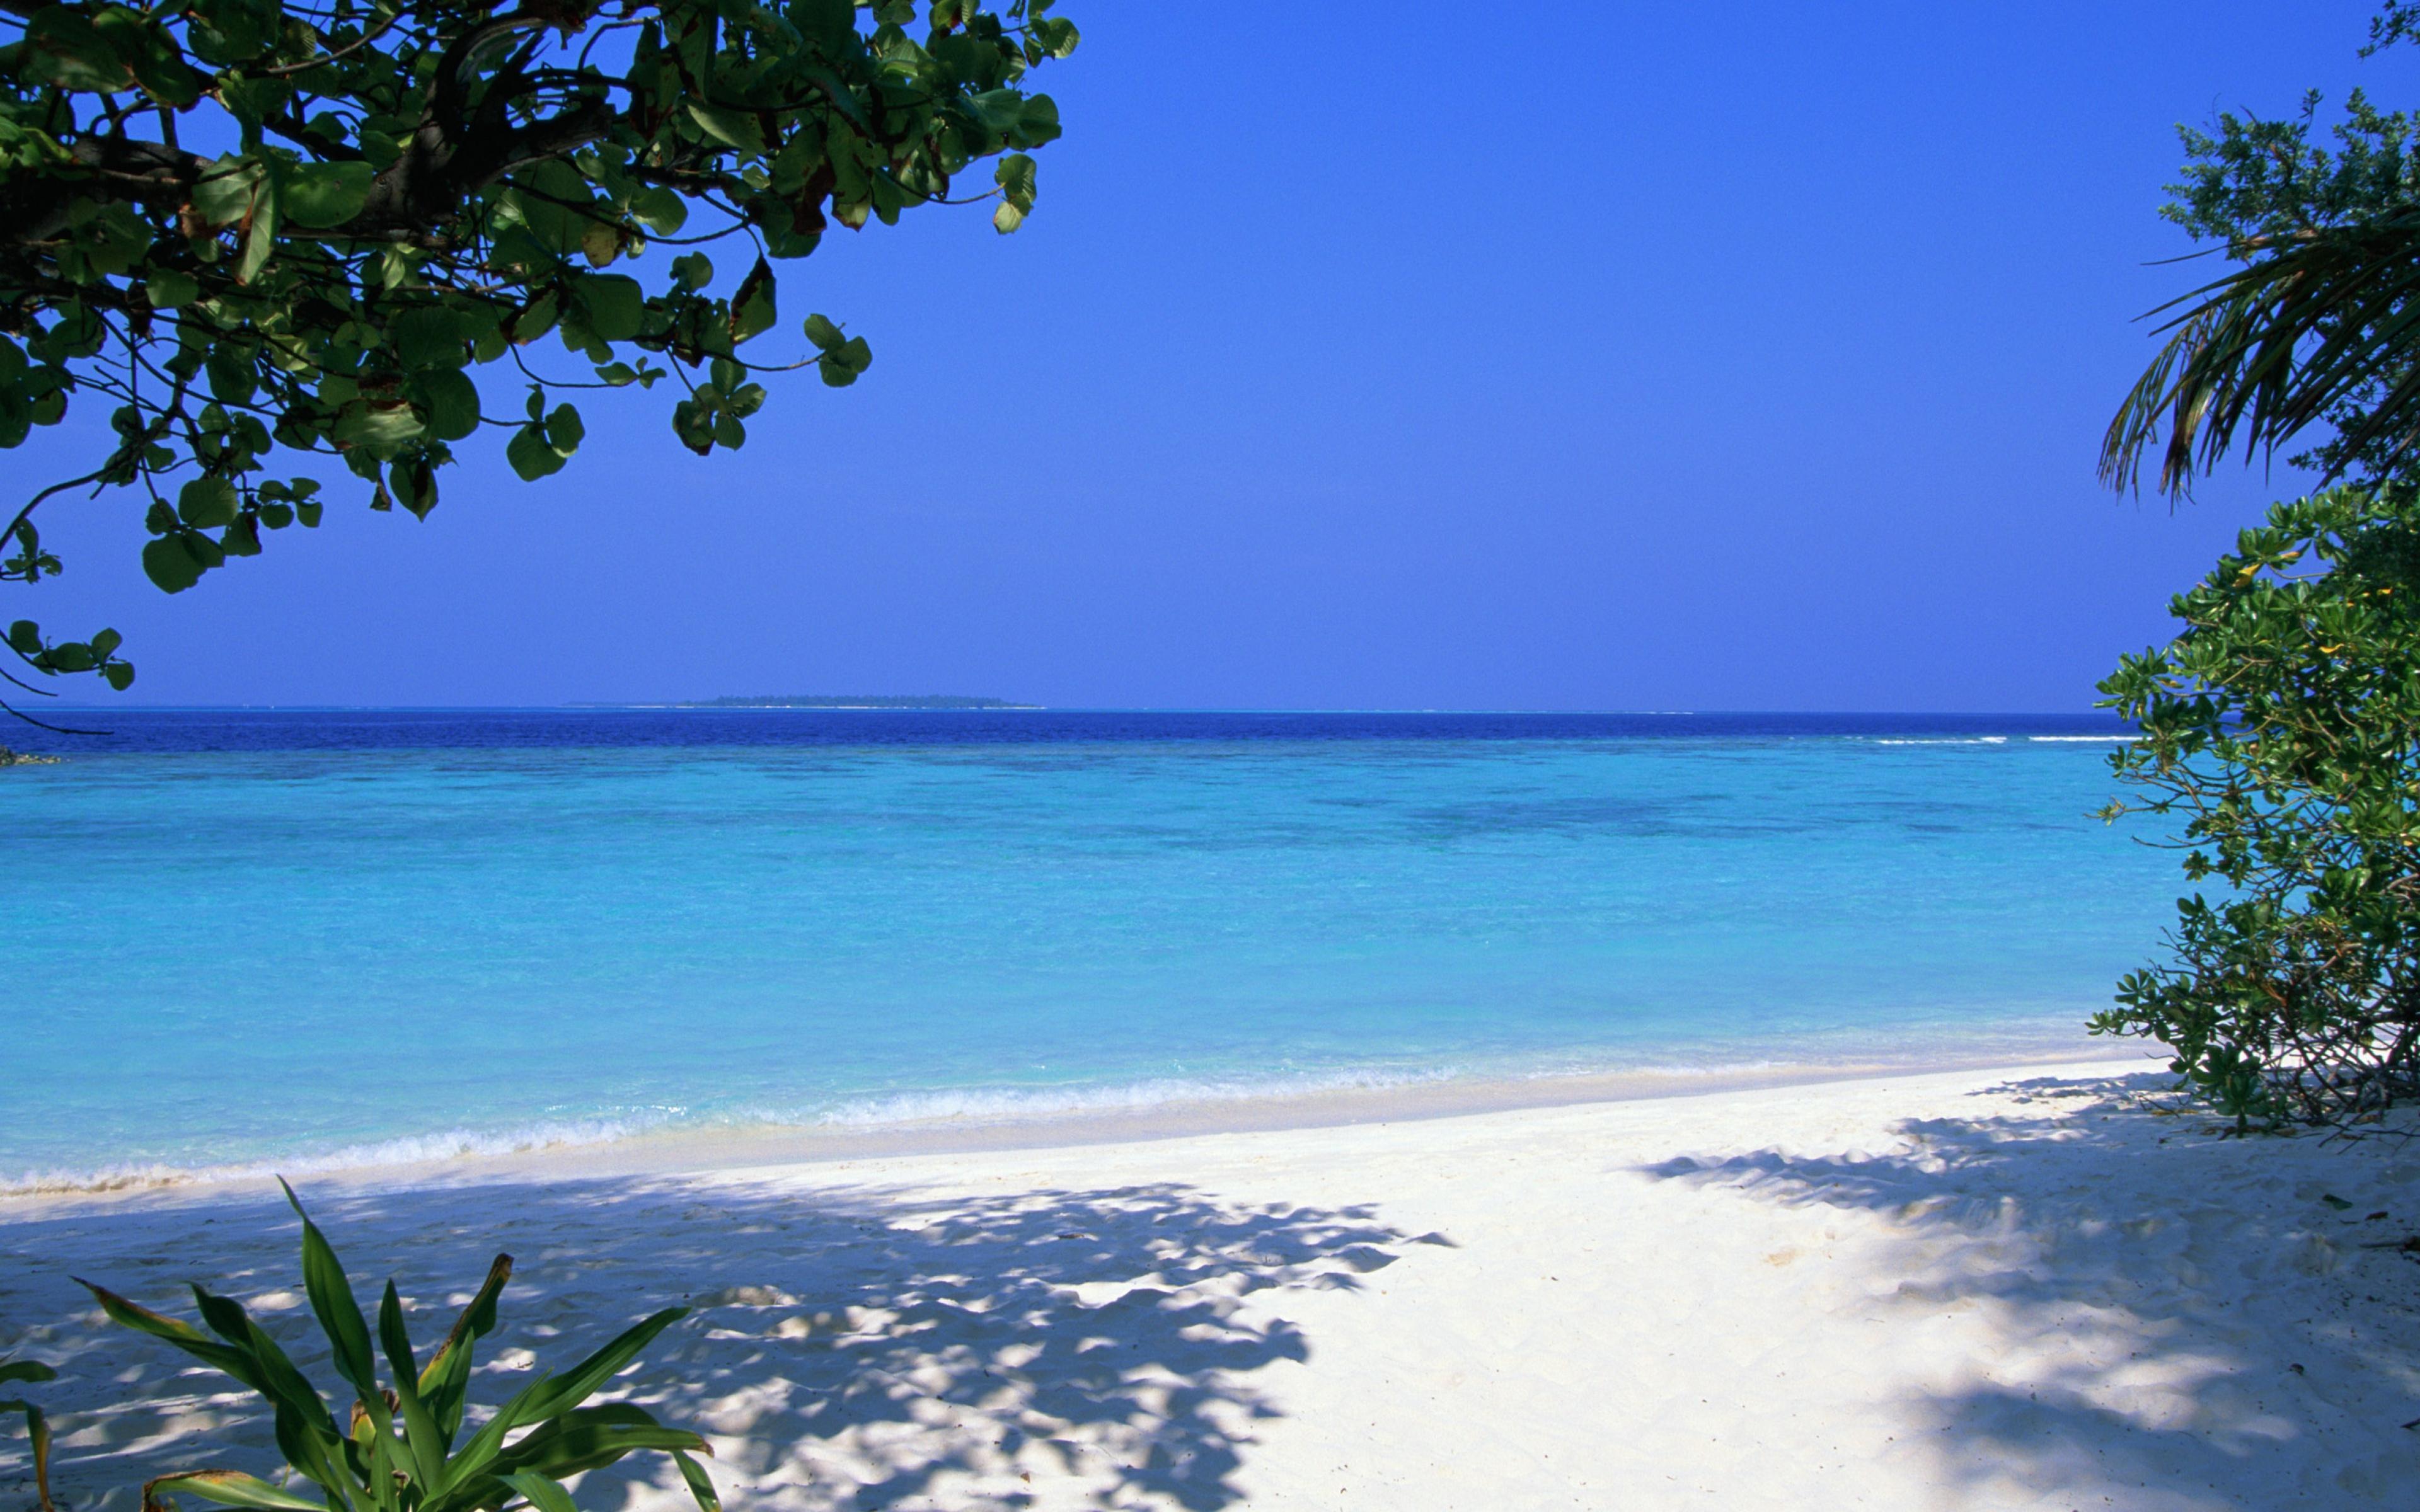 Море остров зелень бесплатно